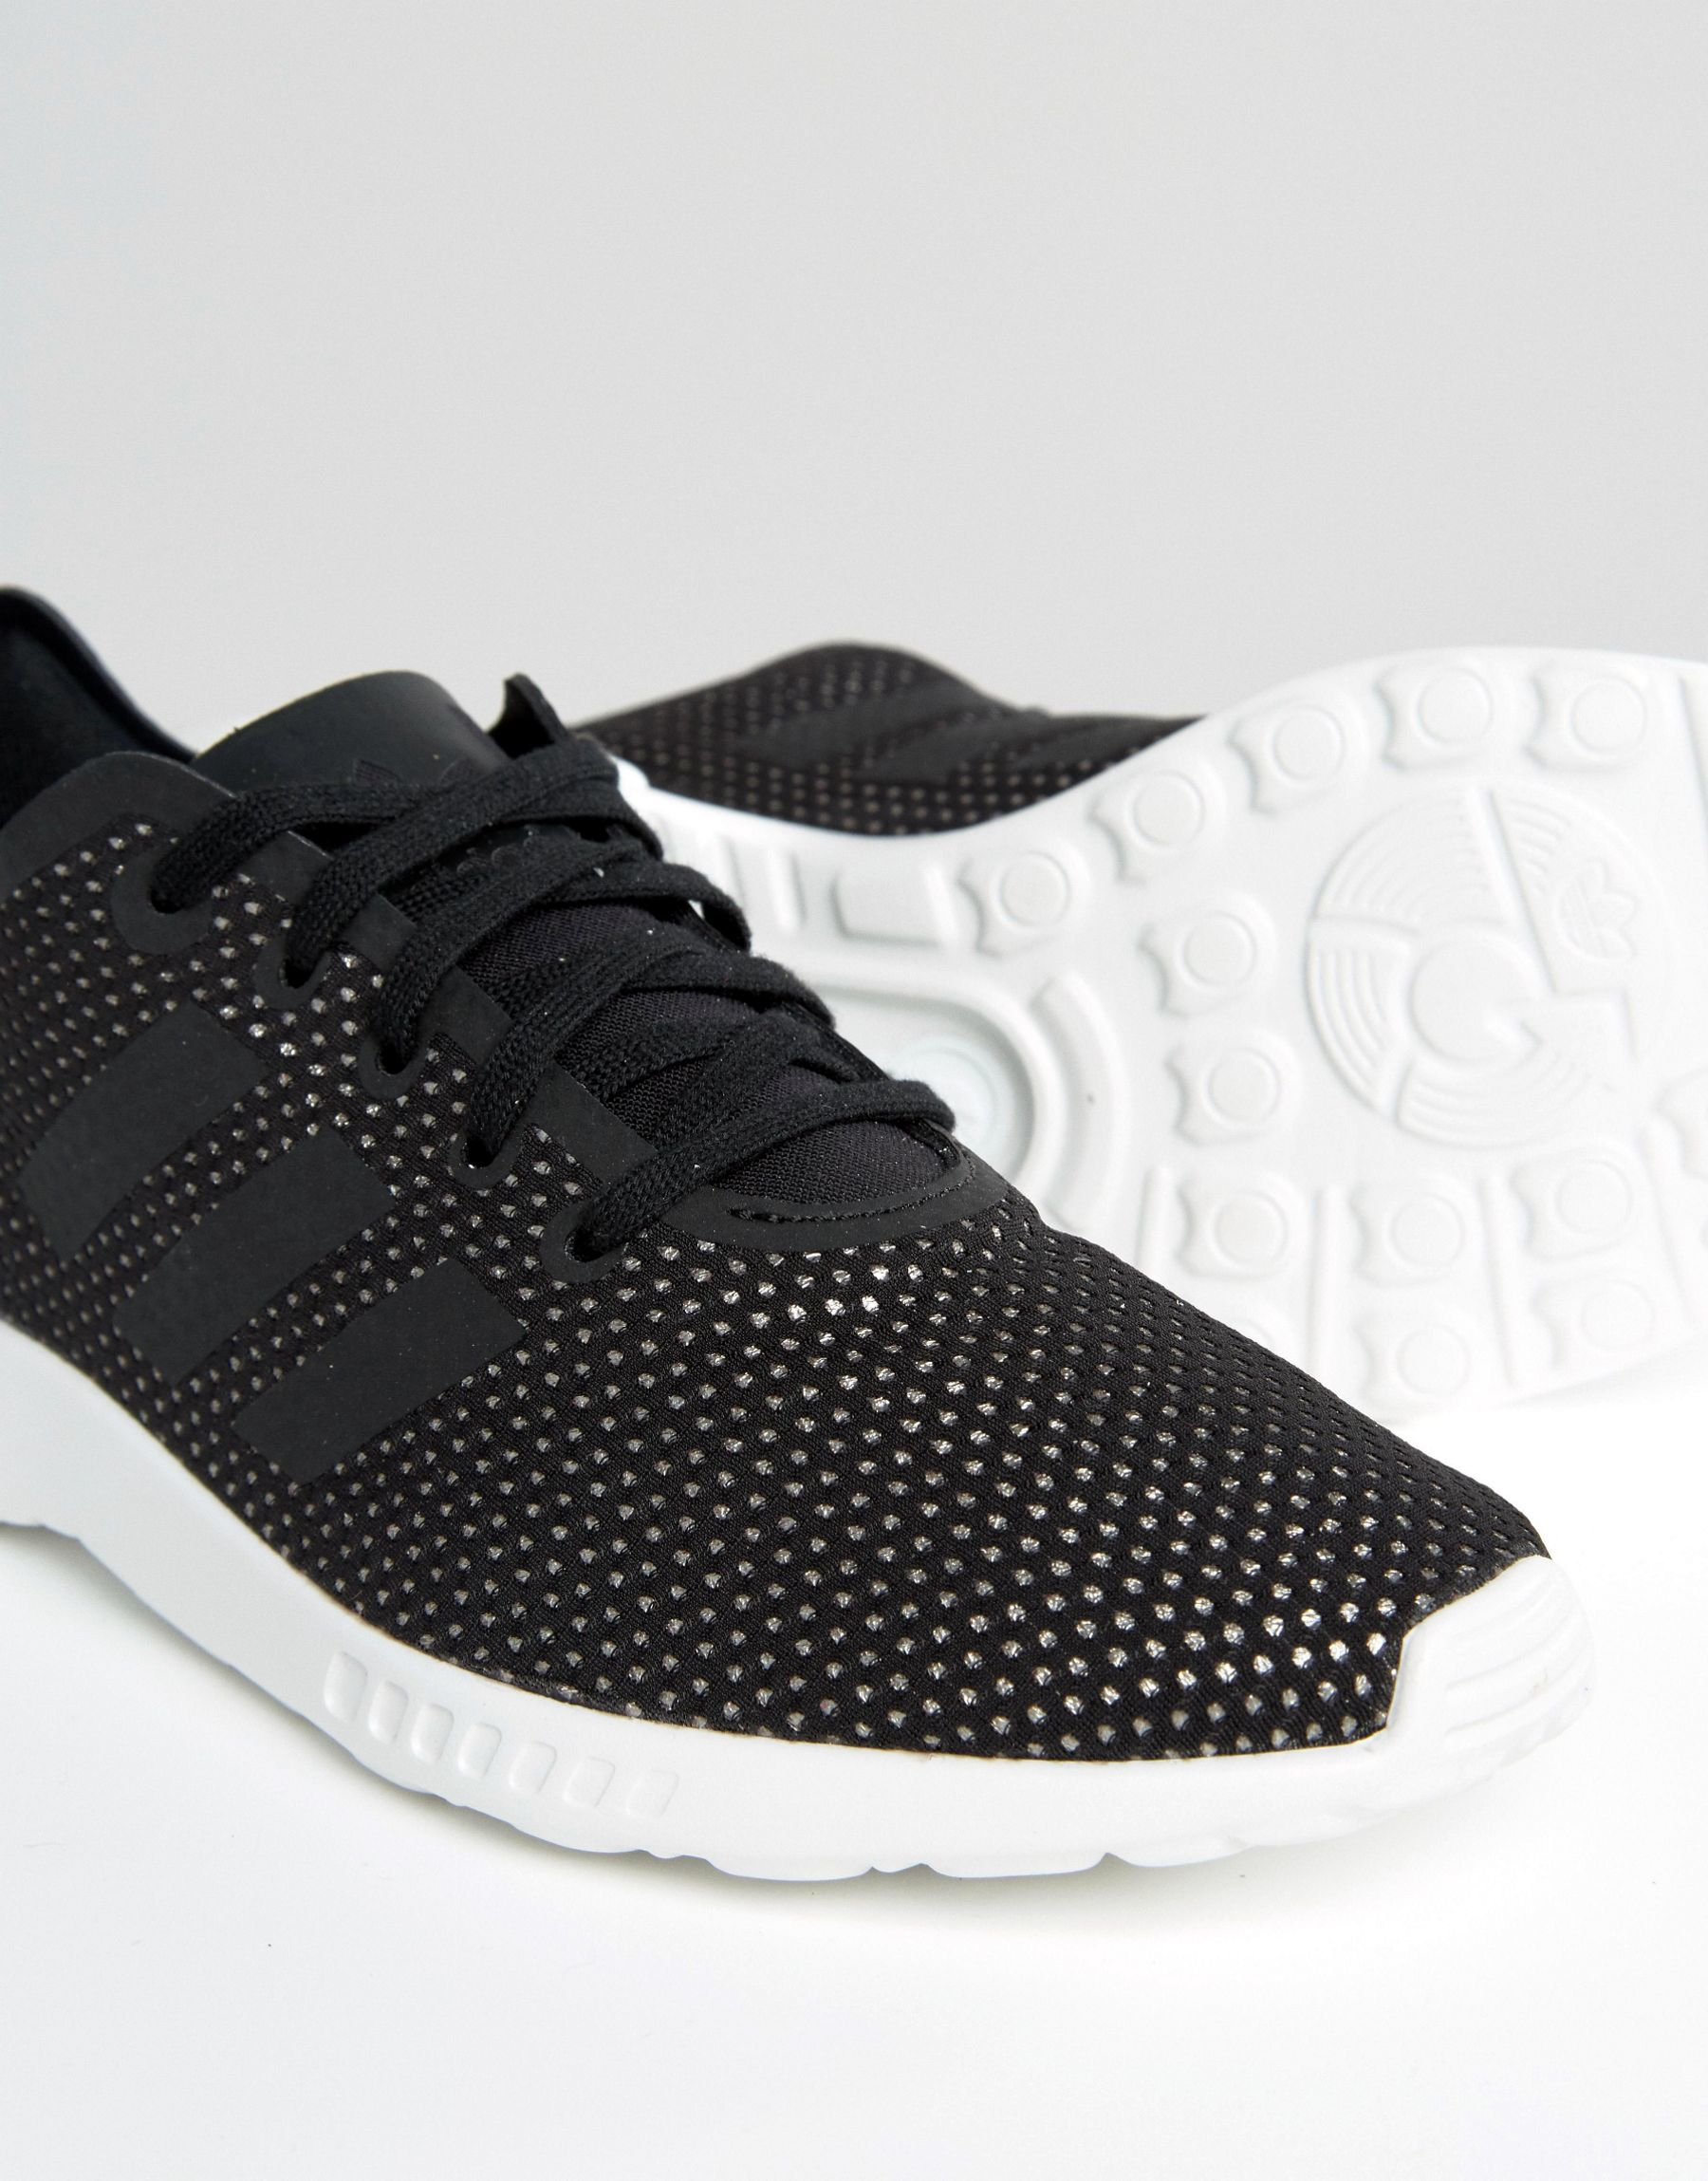 6a6c7ca26e26 Lyst - adidas Originals Originals Black Metallic Zx Flux Adv ...